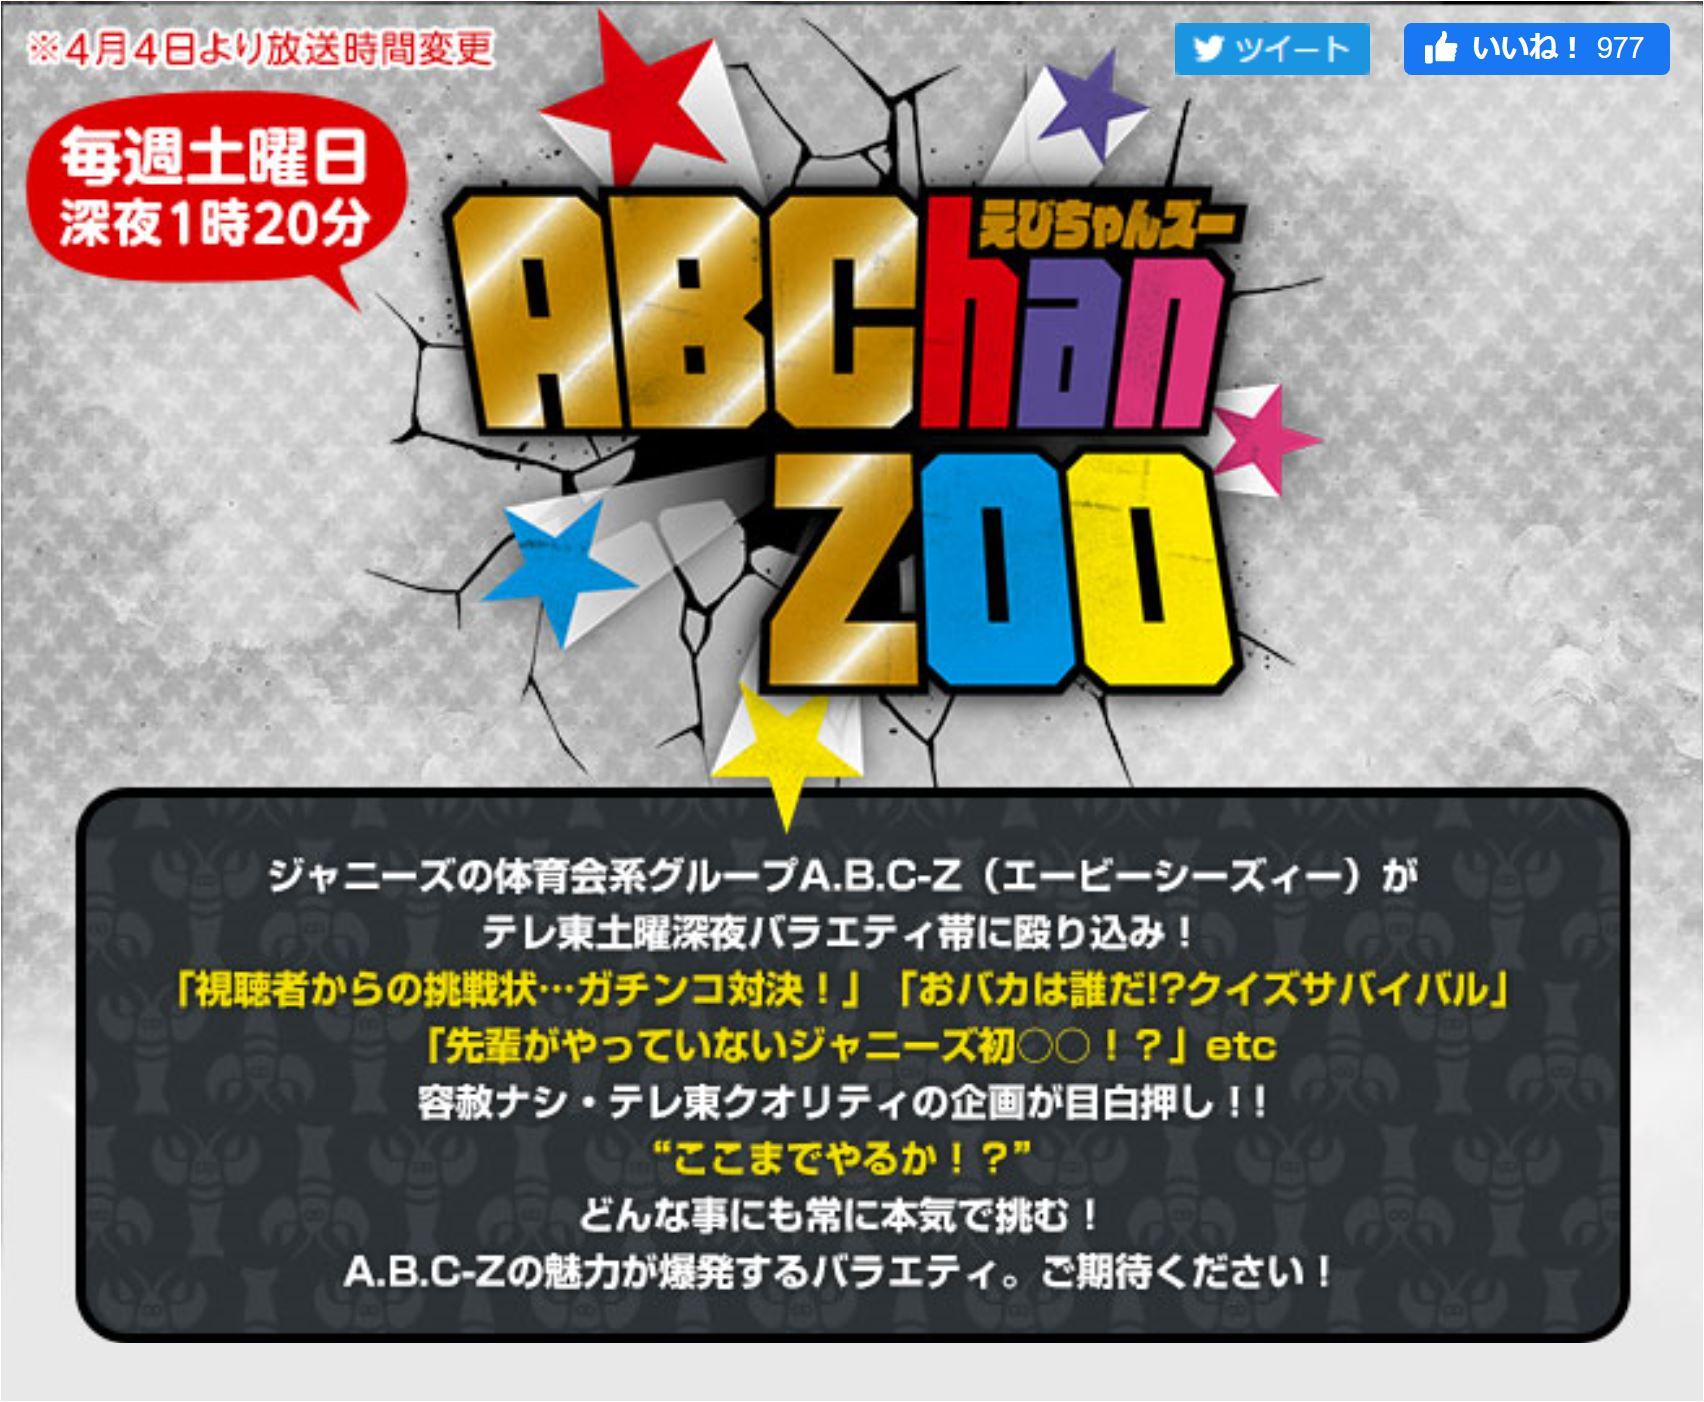 ABChanZOO総集編放送(2020.04.04)